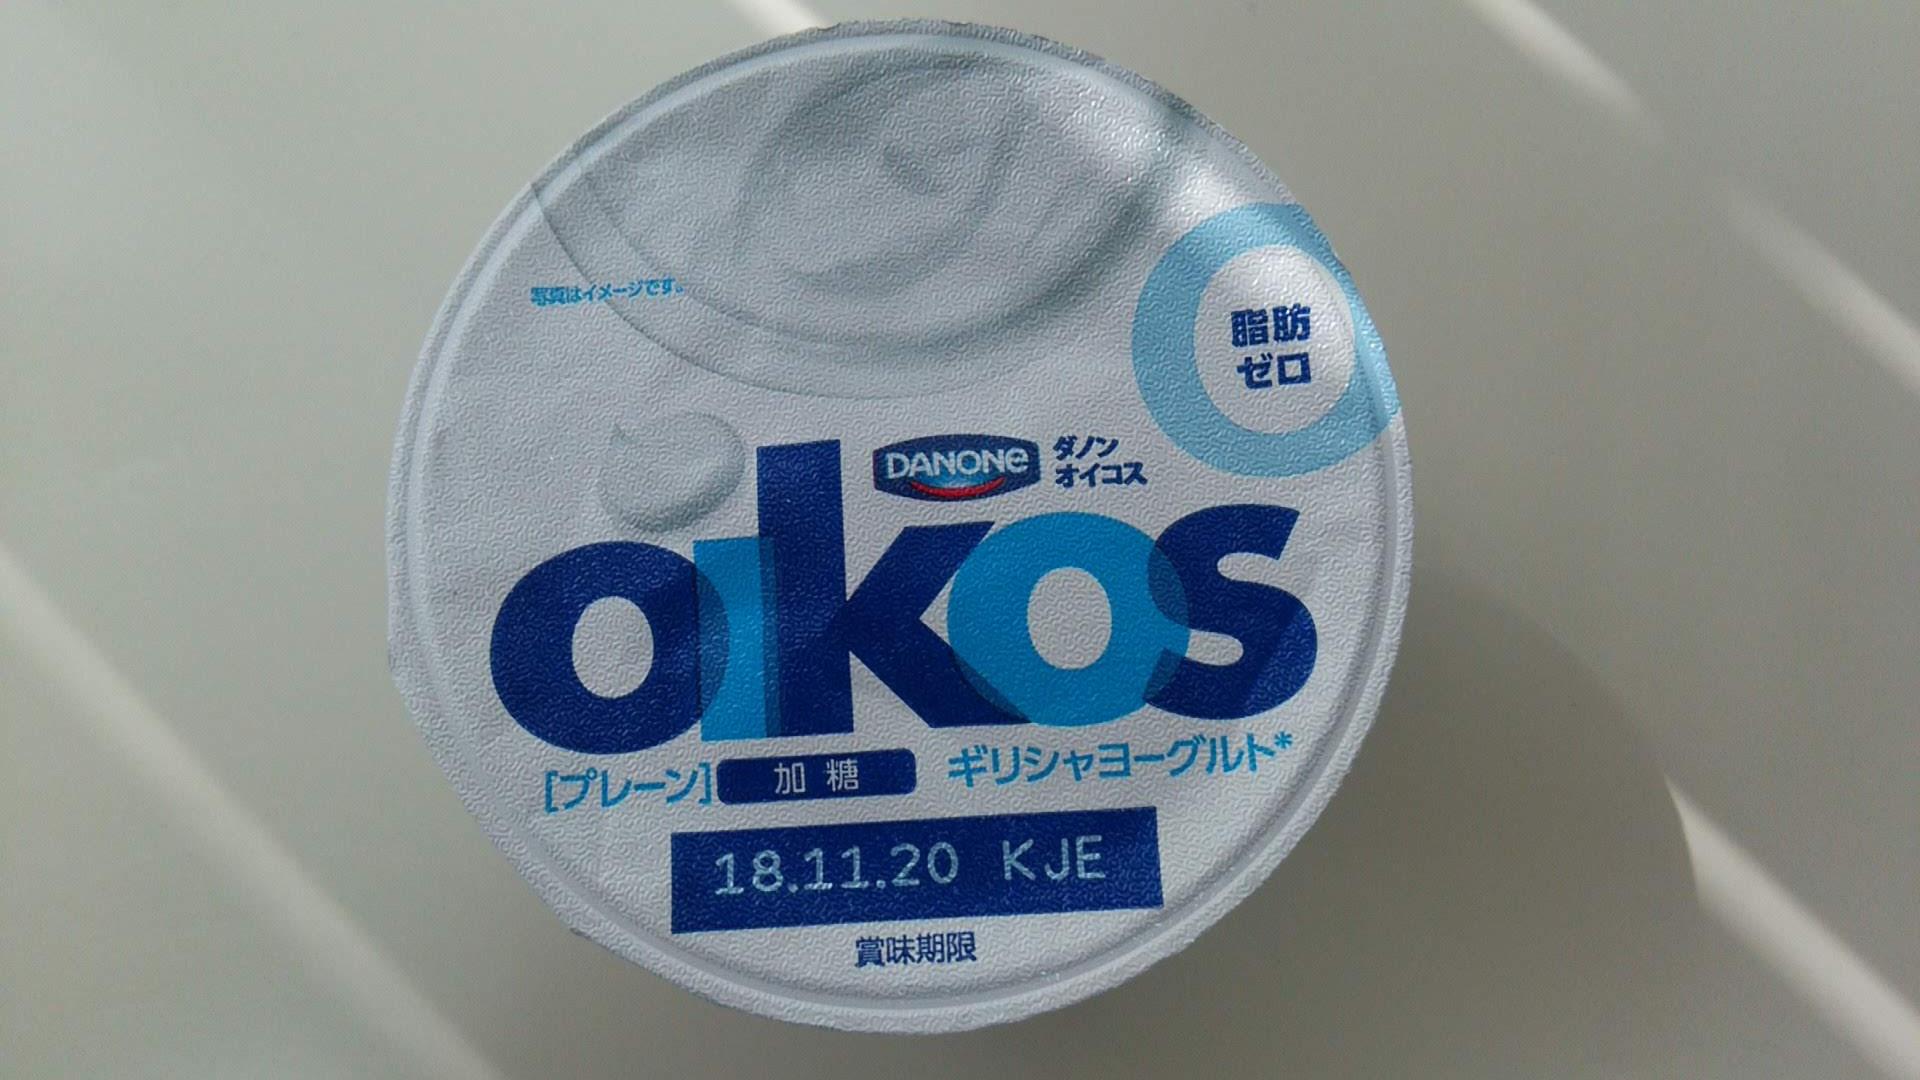 オイコス 賞味 期限